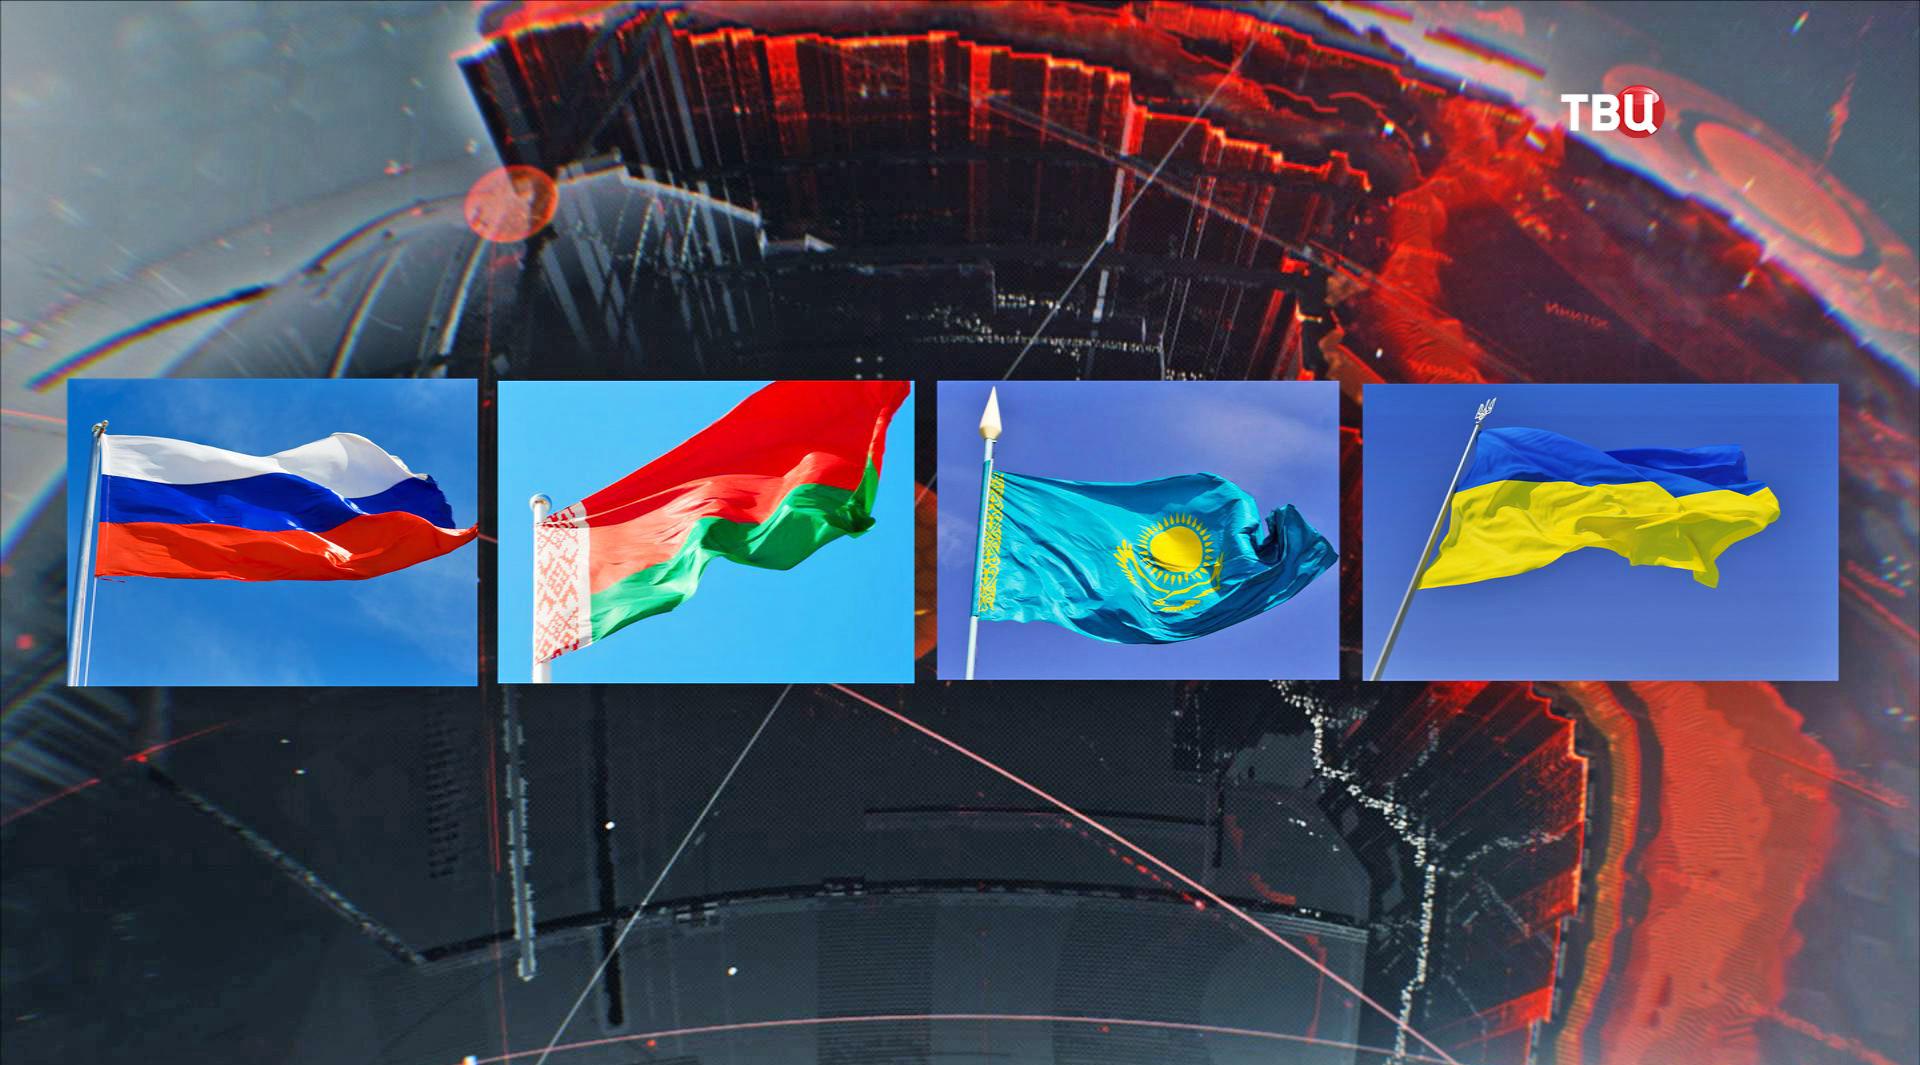 Флаги России, Белоруссии, Казахстана и Украины